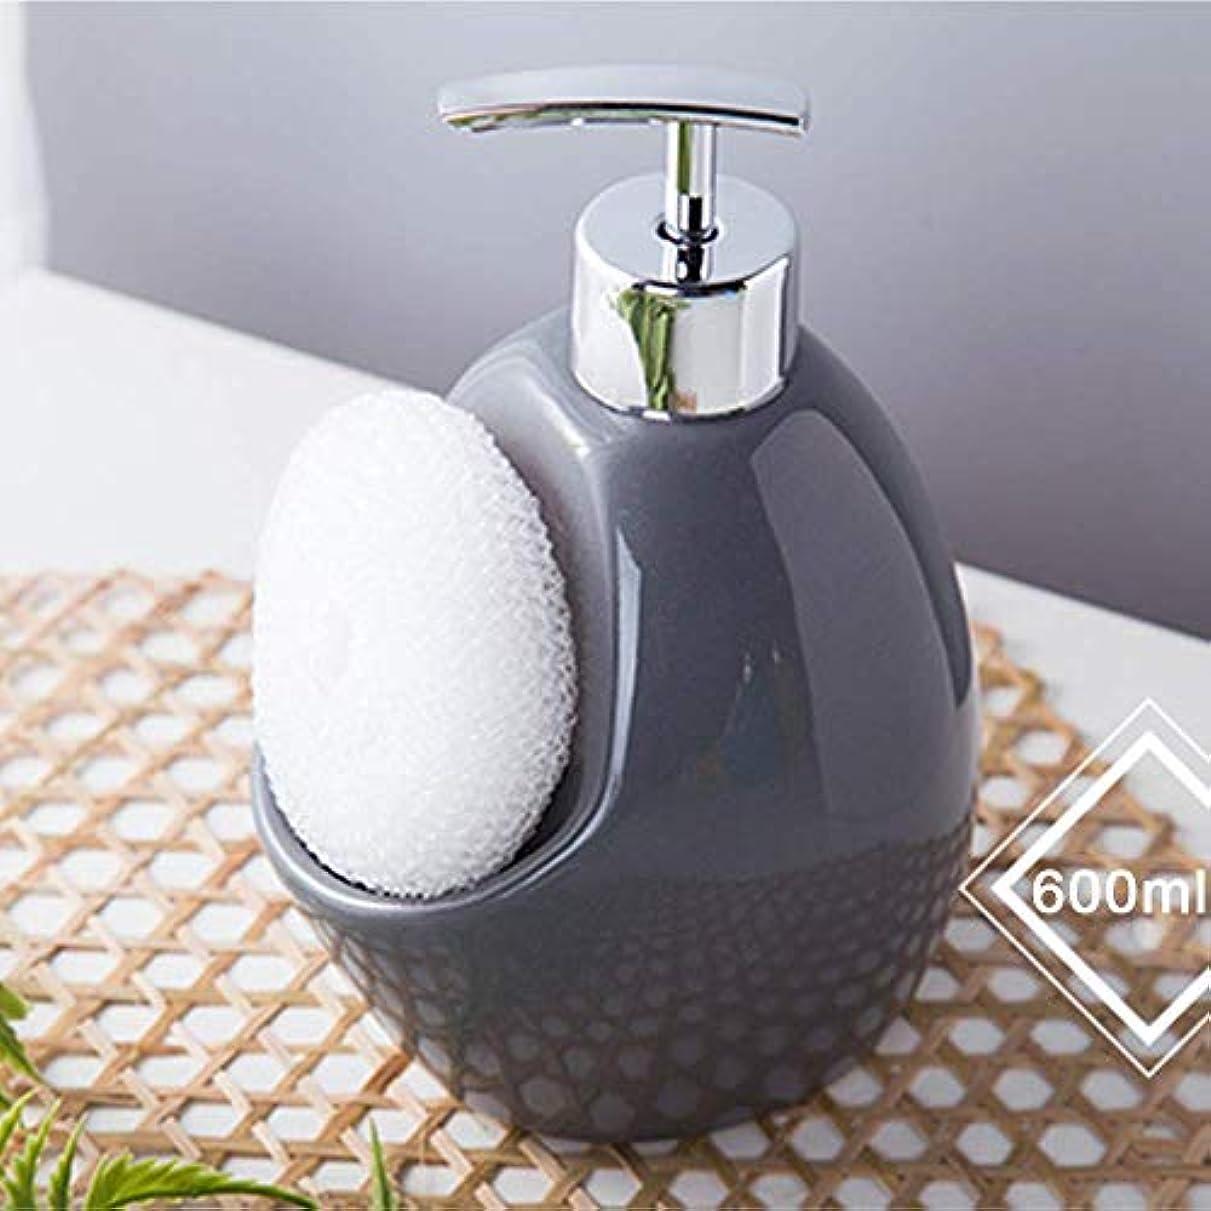 検出可能バック帝国ソープディスペンサー液体、手動ポンプボトル、詰め替え可能-食器用洗剤/ハンドソープ/シャワージェル、セラミック-600ml(青、グレー)